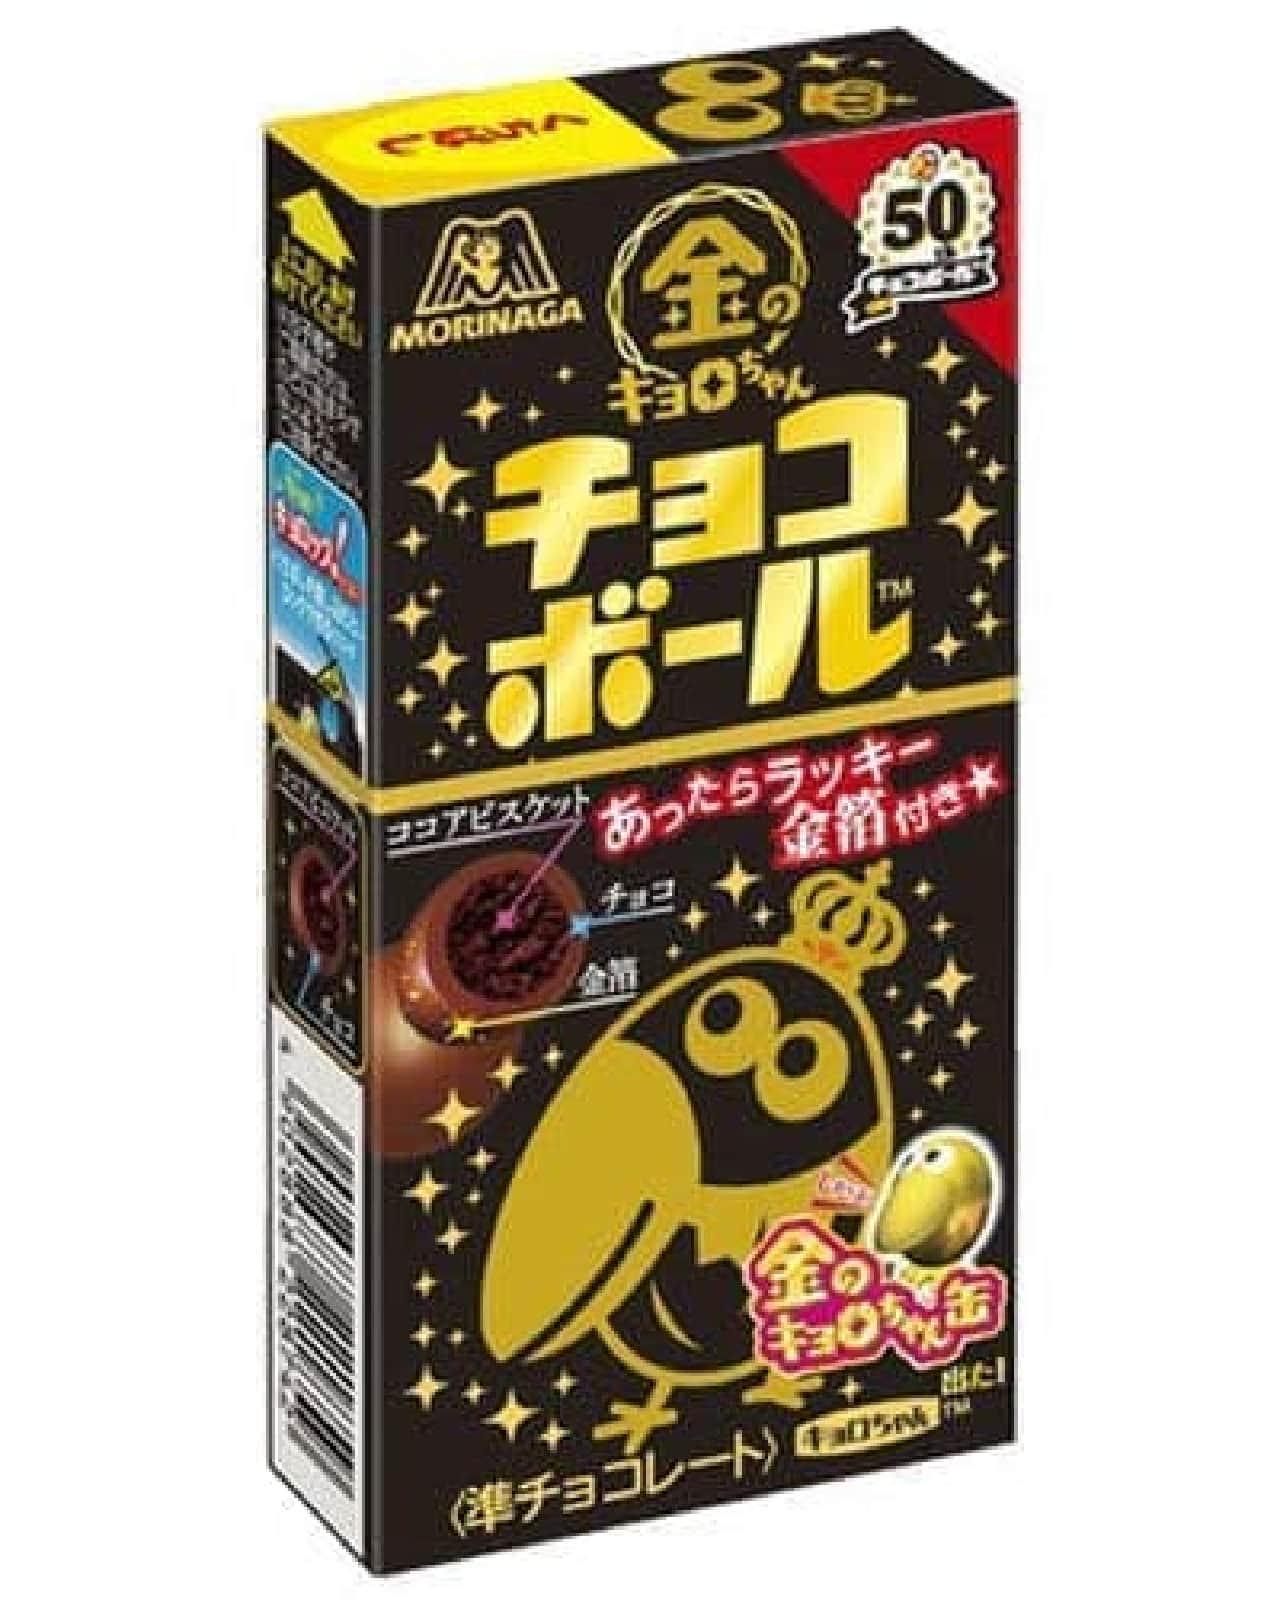 金のキョロちゃんチョコボール〈チョコビス〉は、ココアビスケットをチョコでコーティングしたチョコボール